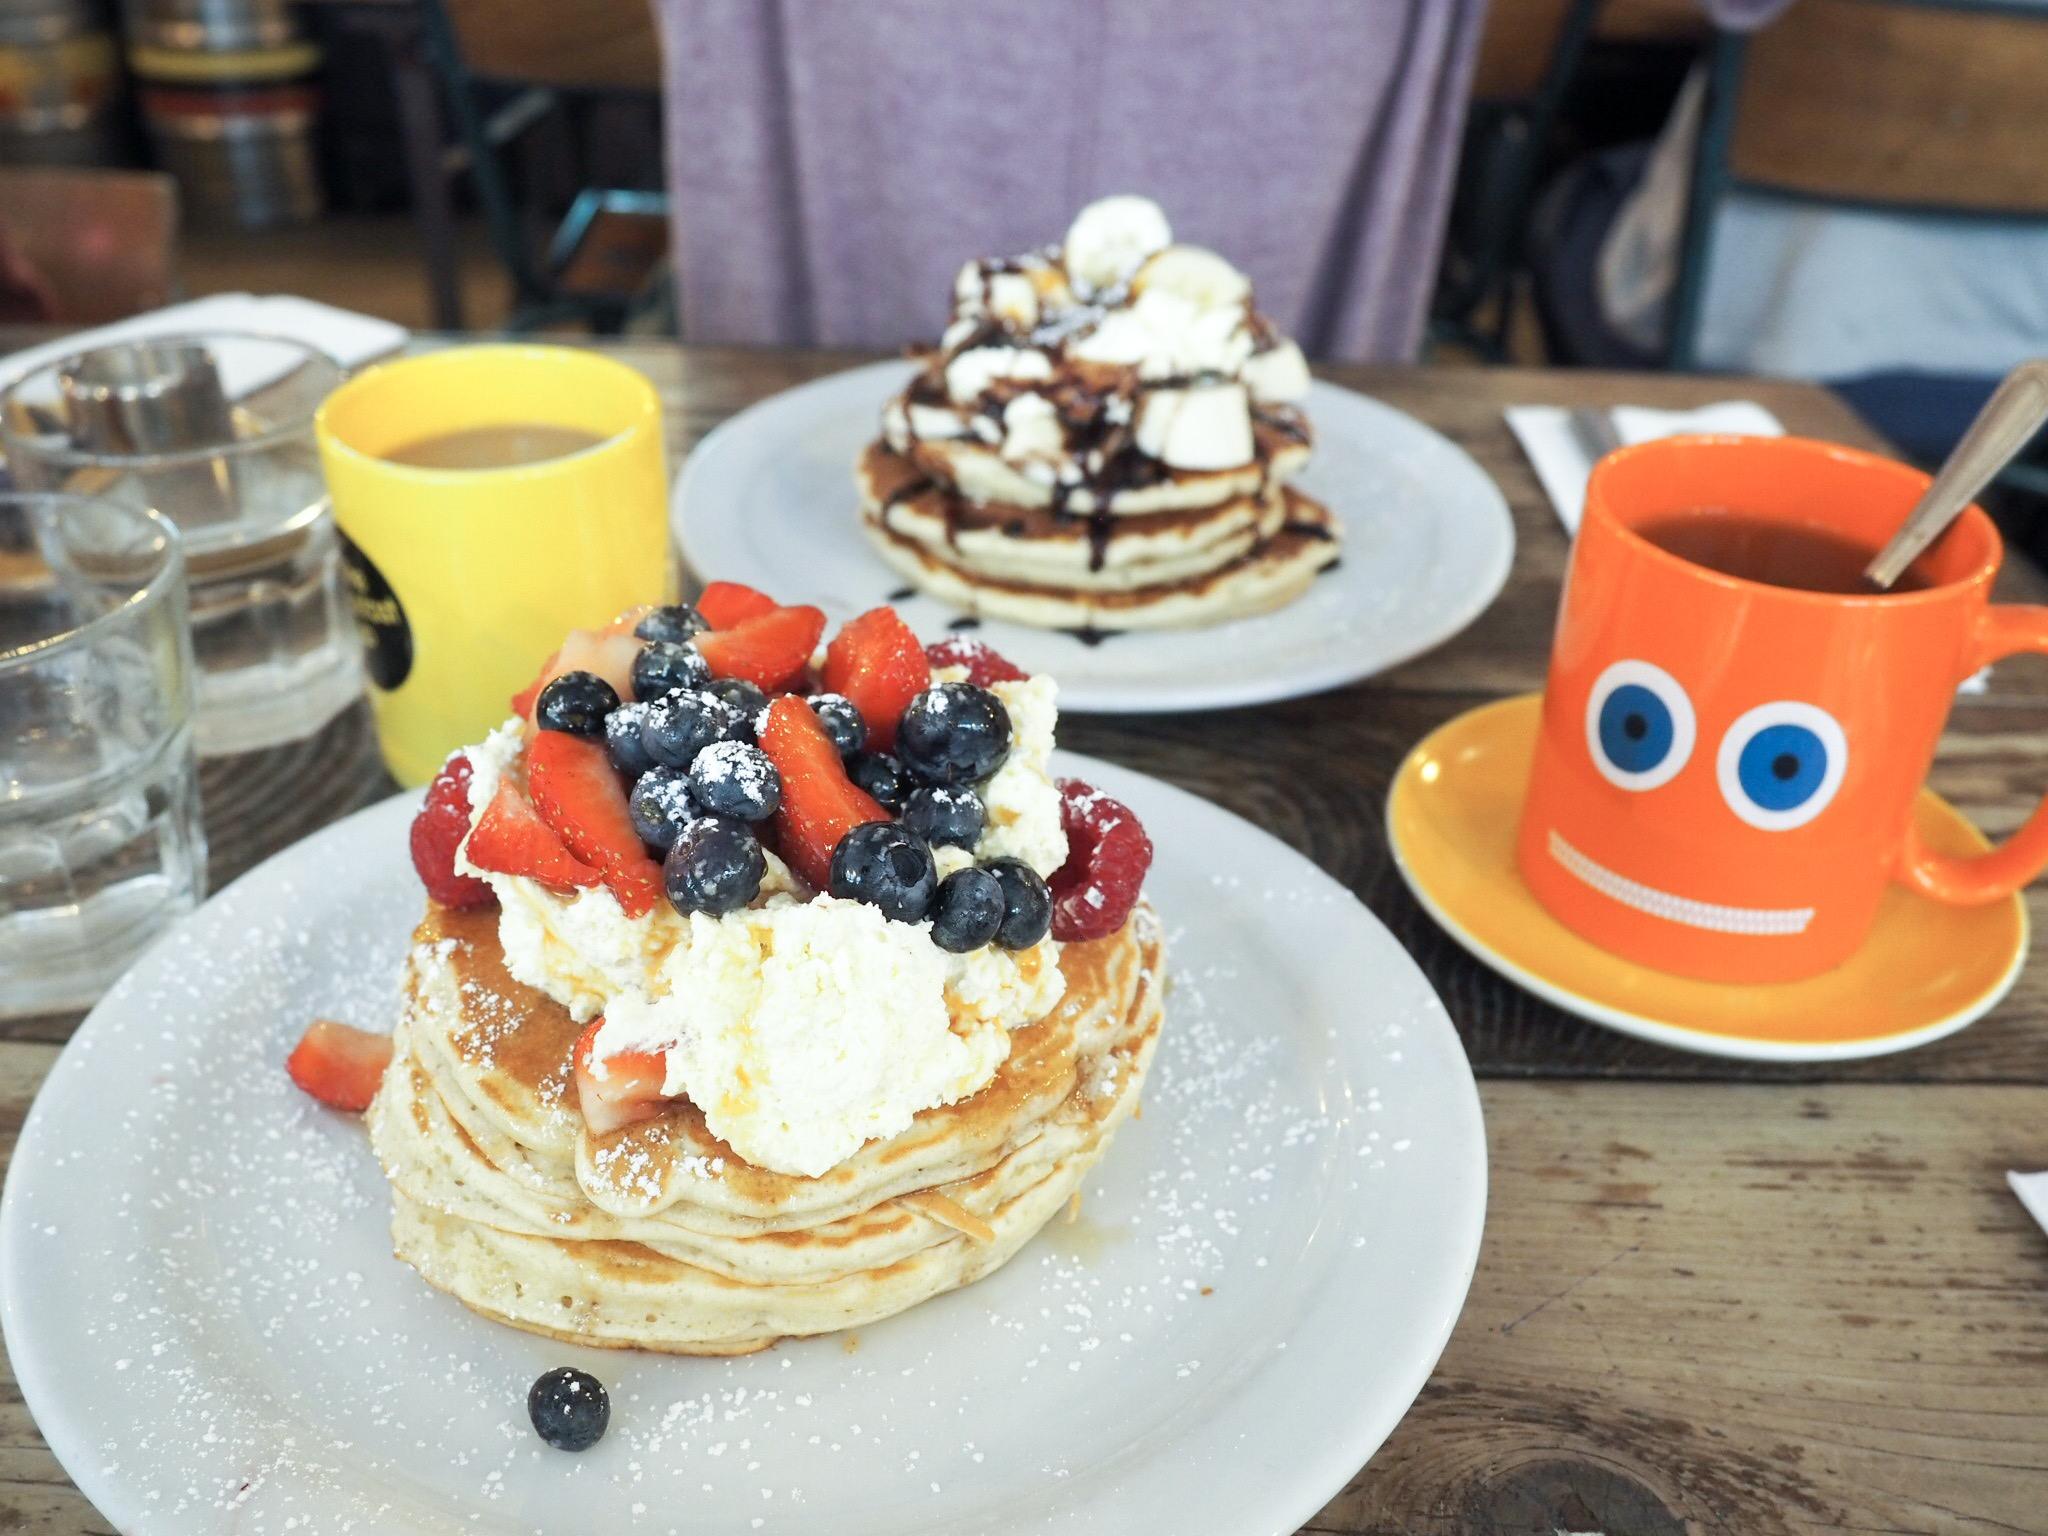 The Breakfast Club at Spitalfields